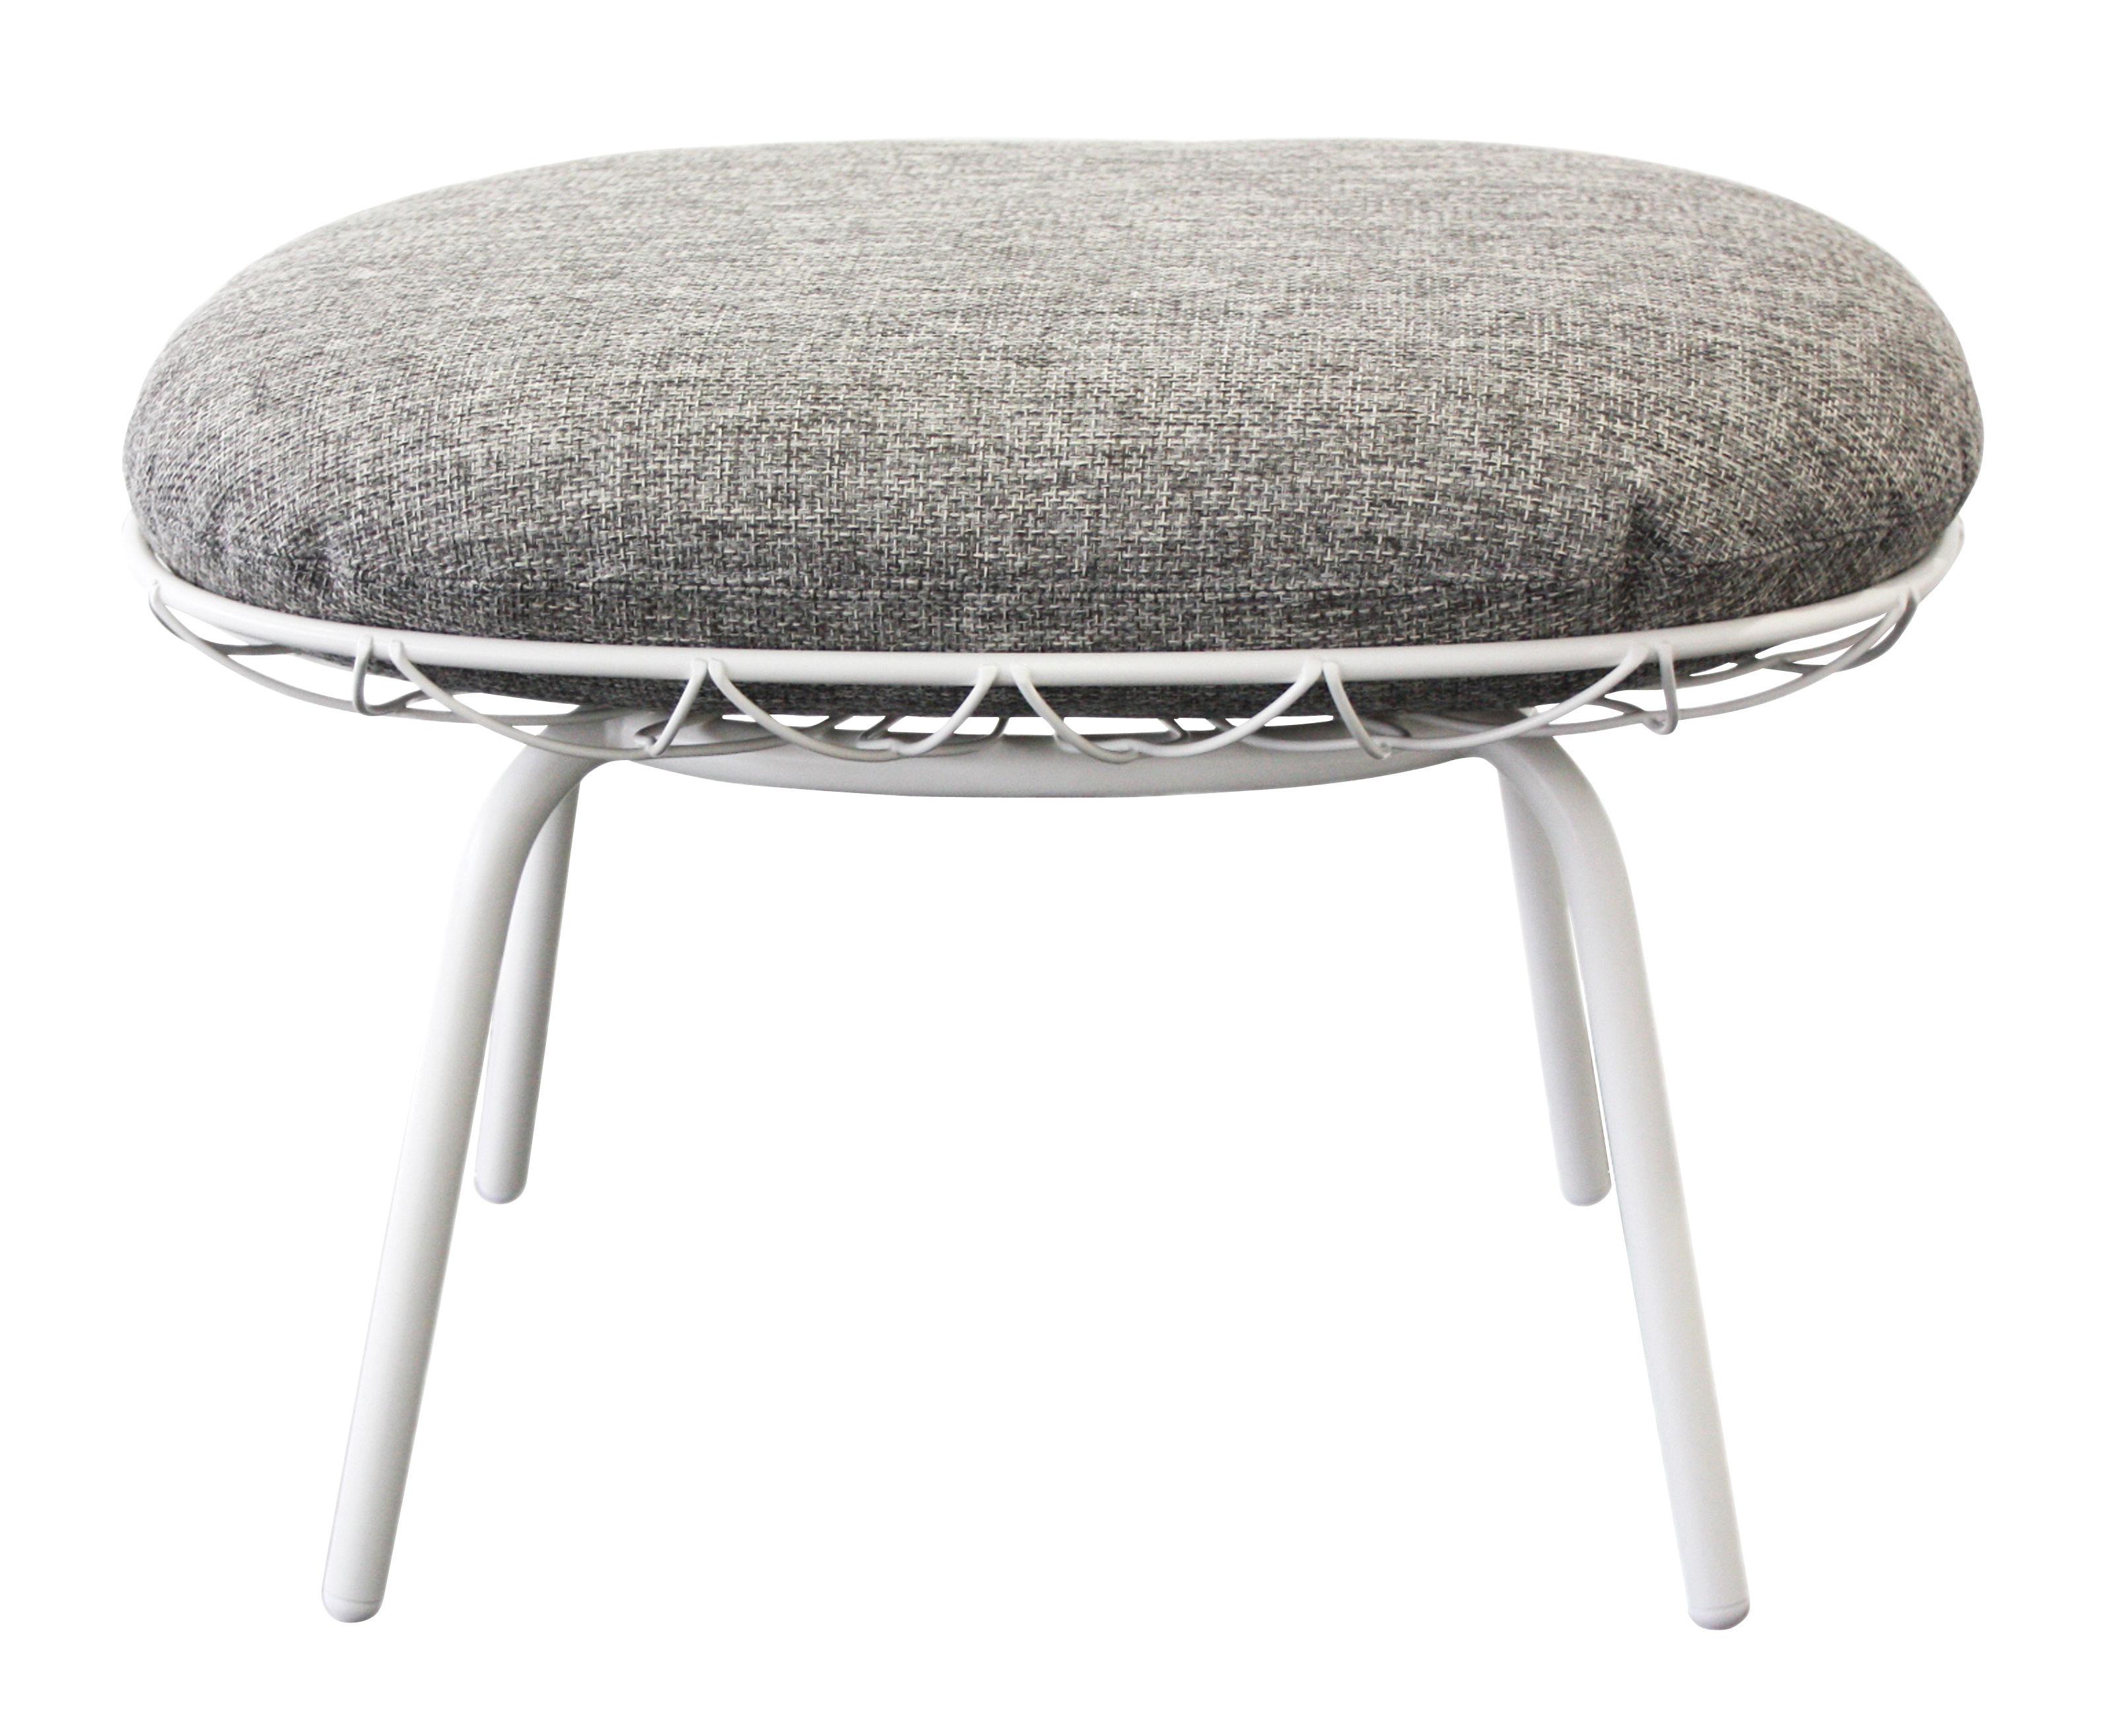 Möbel - Sitzkissen - Pina Outdoor Sitzkissen / Fußablage - mit Stoffbezug - Magis - Gestell weiß / Kissen grau - Expandiertes Polyurethanmousse, gefirnister Stahl, Gewebe